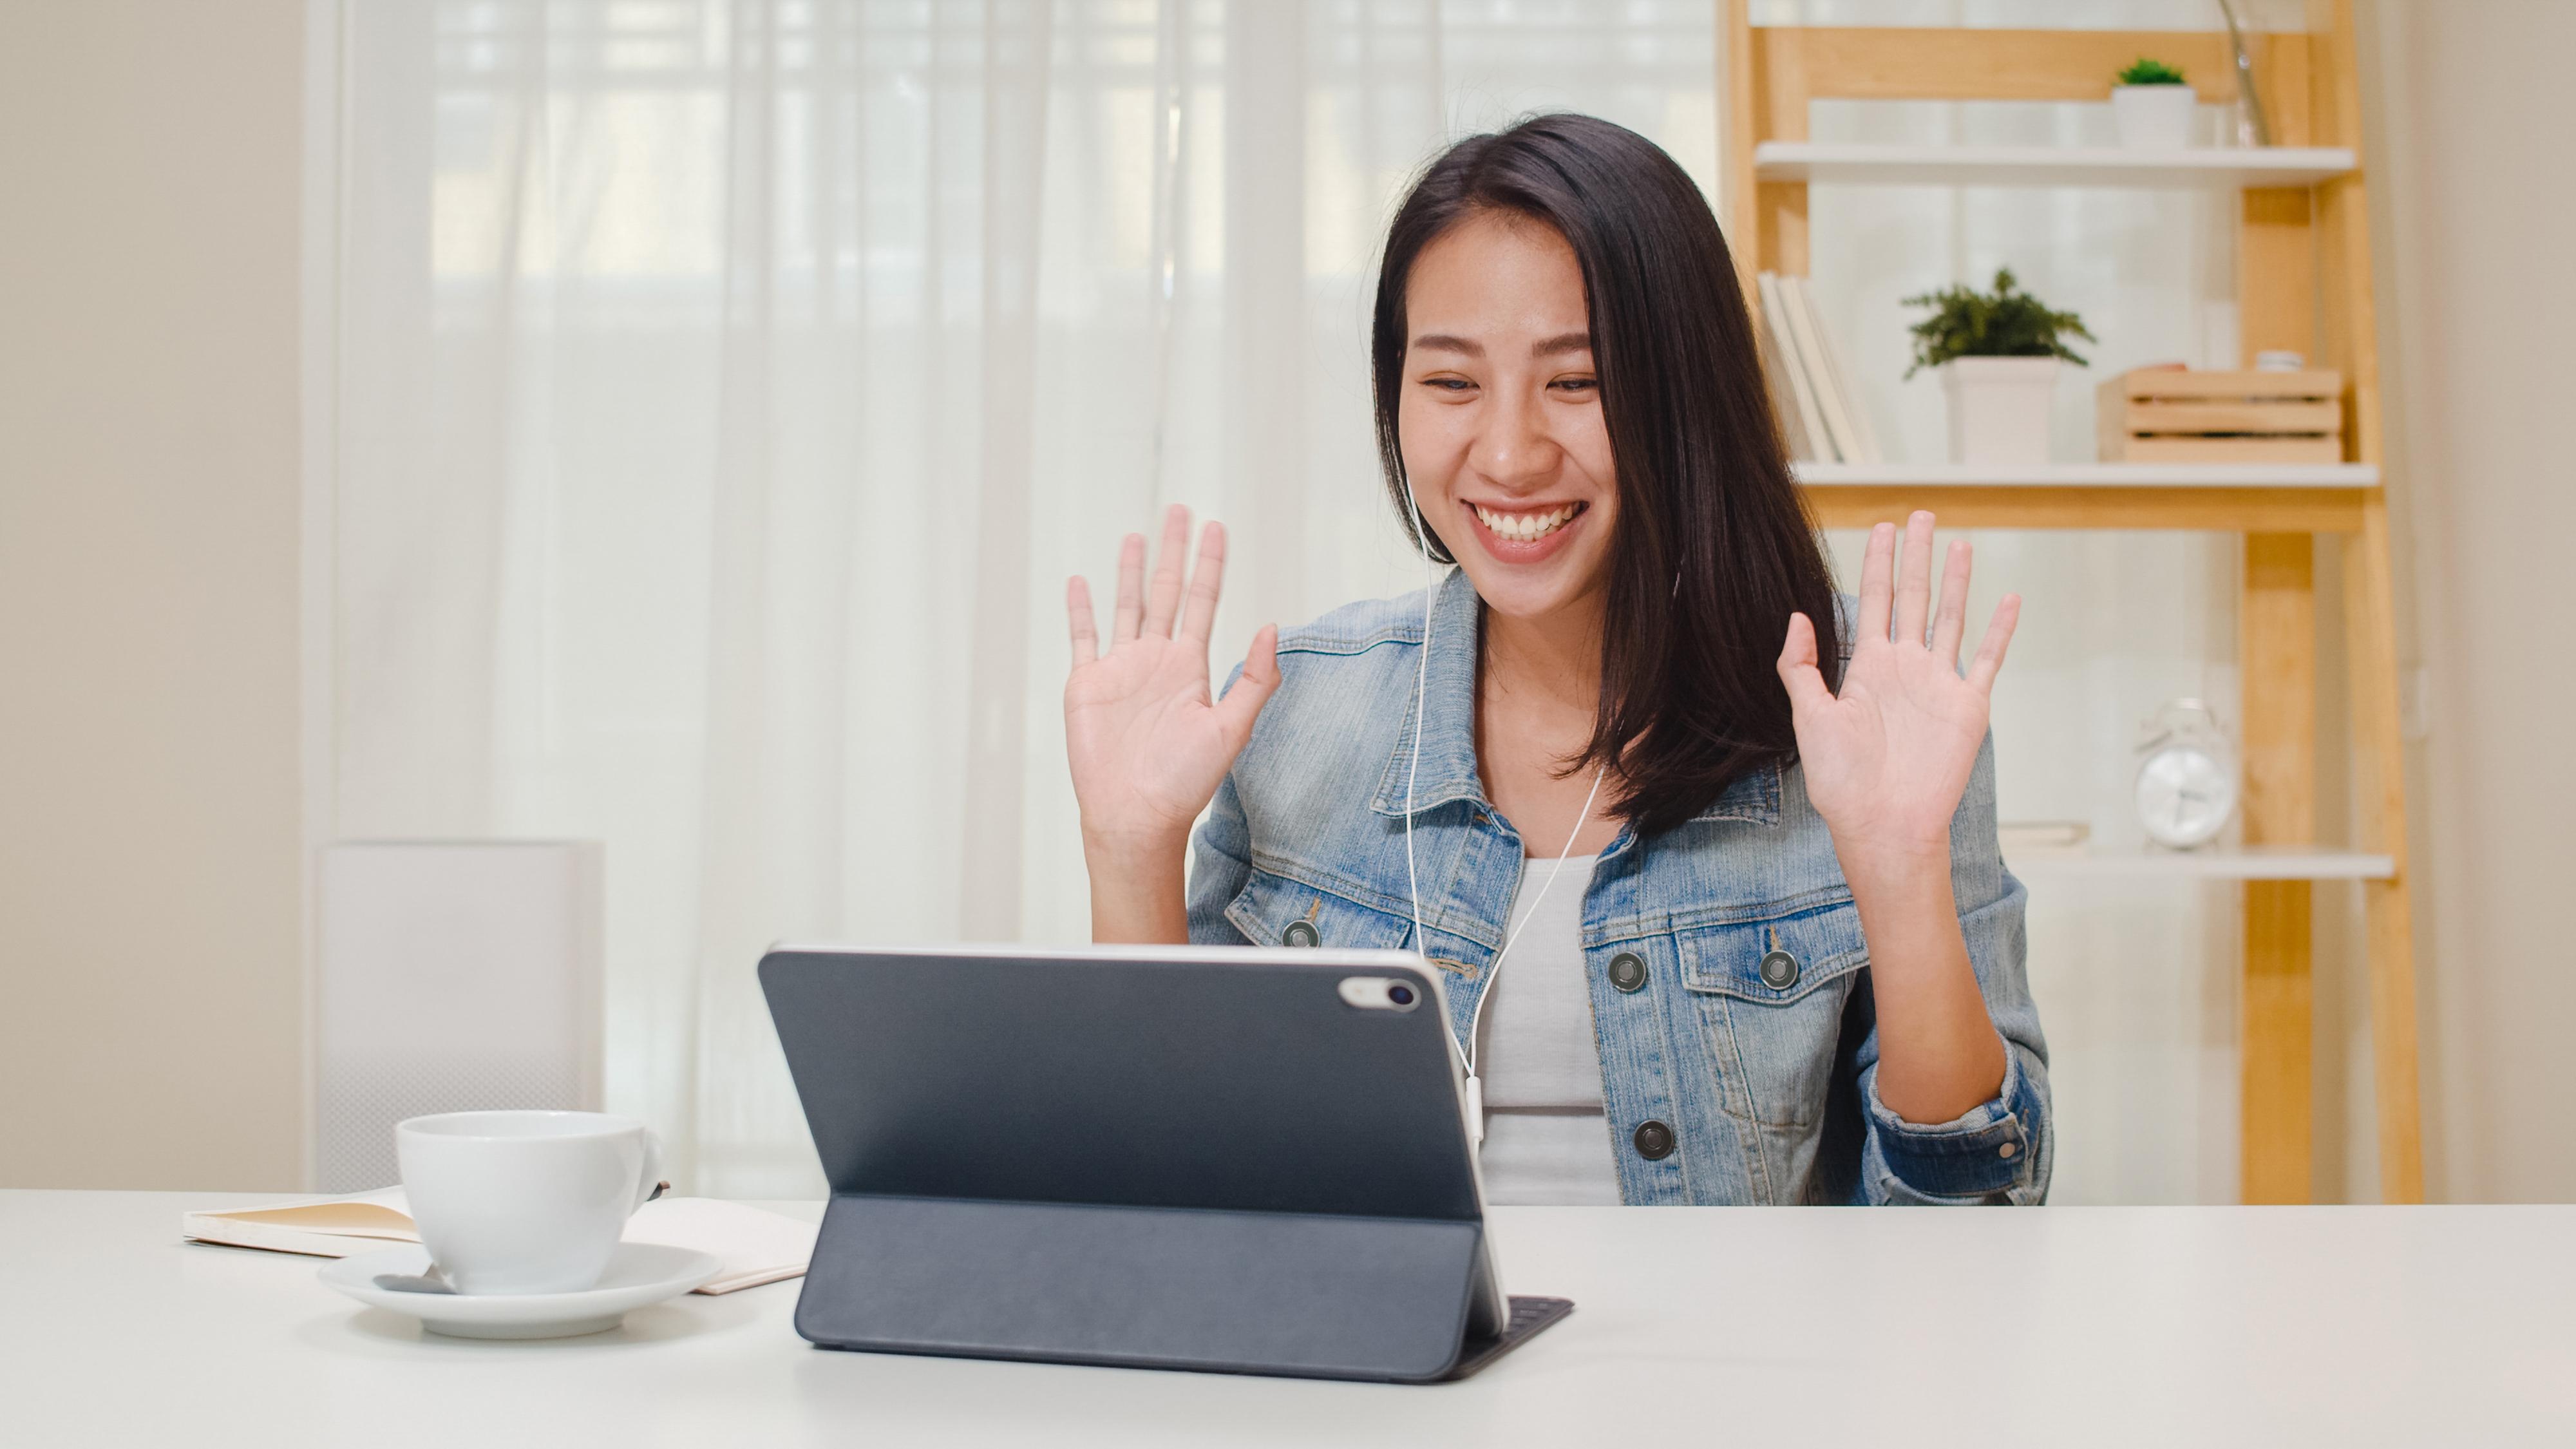 Jeune femme utilisant une tablette tactile pour faire une visioconférence.